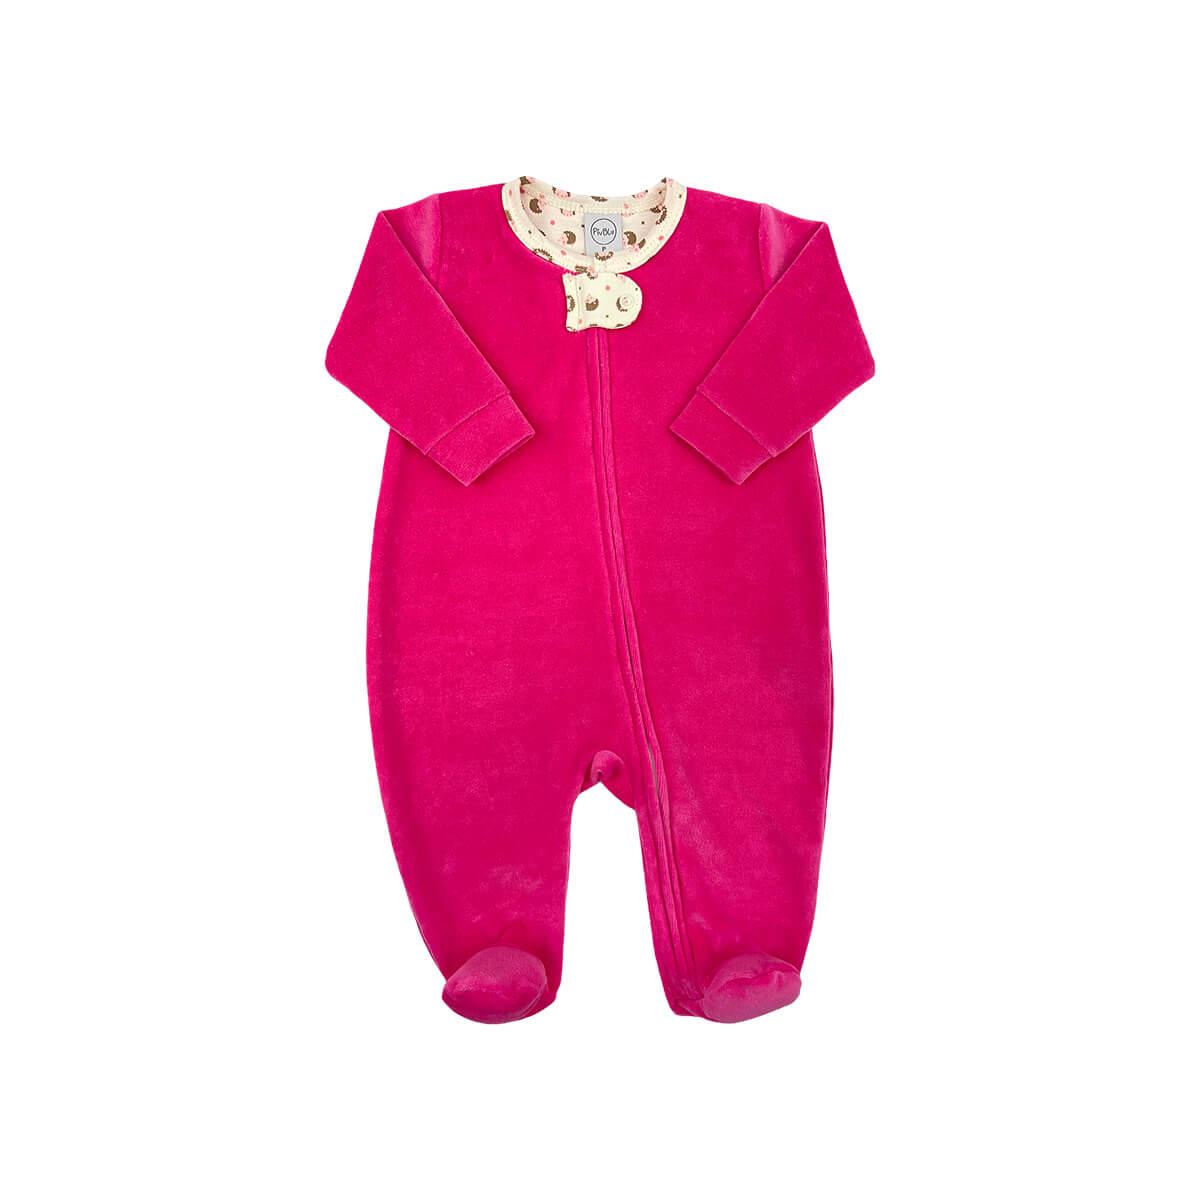 Macacão Plush Zíper Pink - Tamanhos RN e P com pezinho; M, G e XG sem pezinho